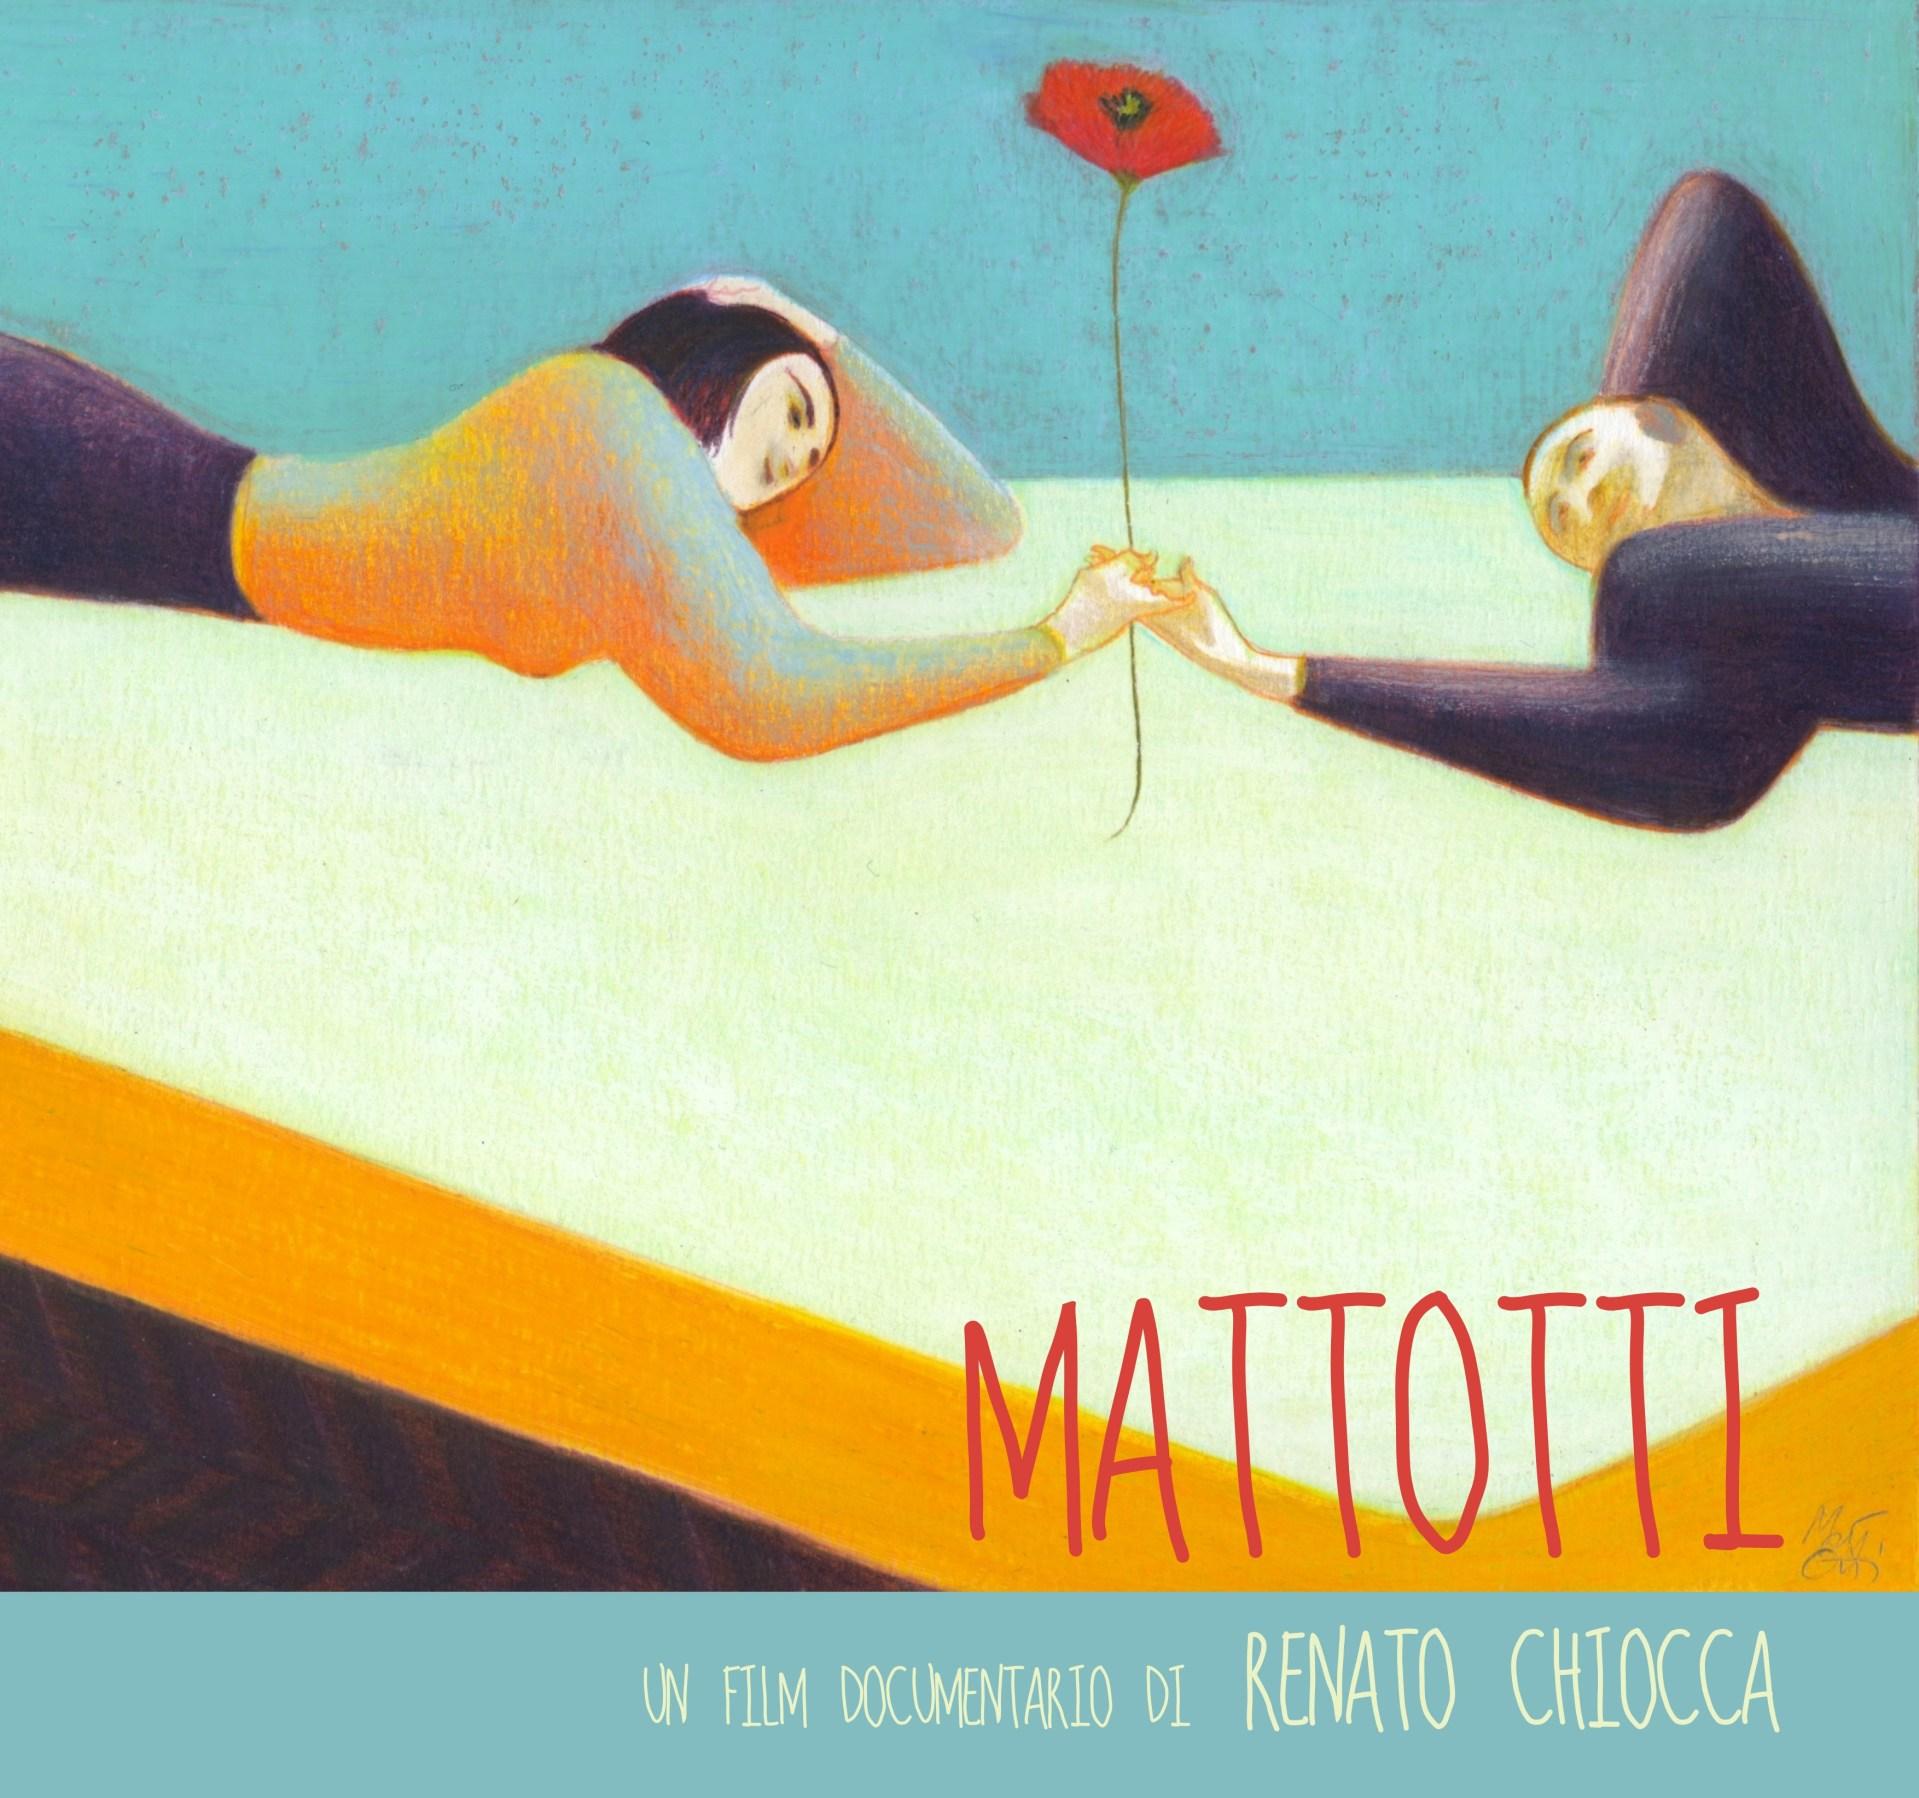 posterMattotti